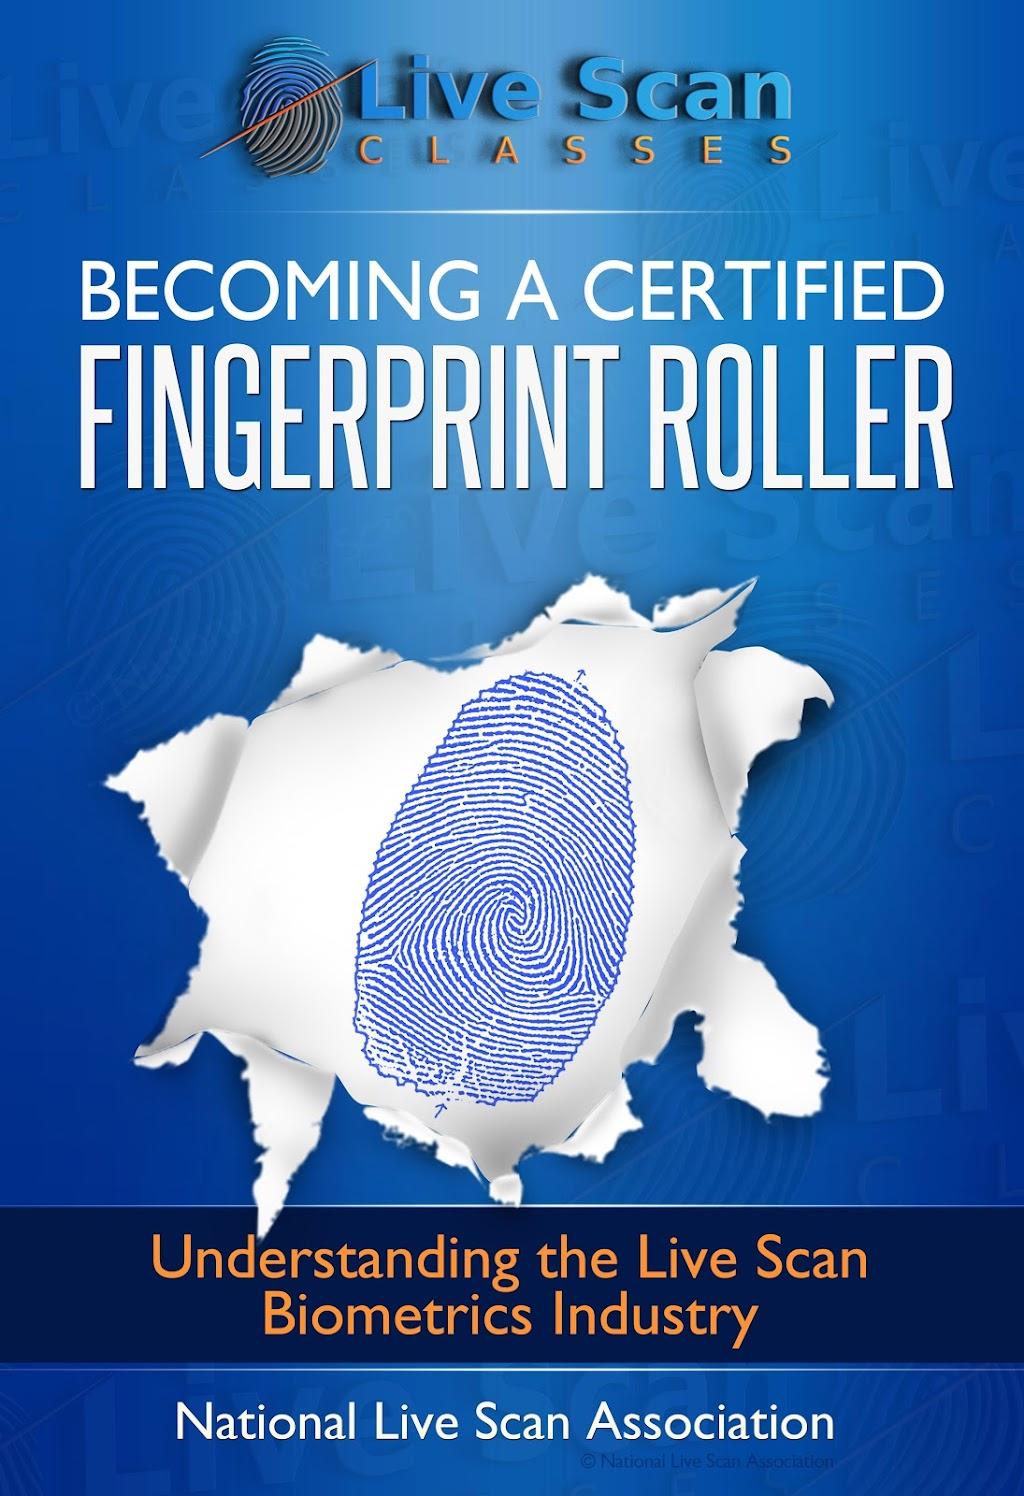 National Live Scan Association (NLSA )Certified Fingerprint Roller Program, 888.498.4234 LiveScanTechnican.Pro (For selected states only.)